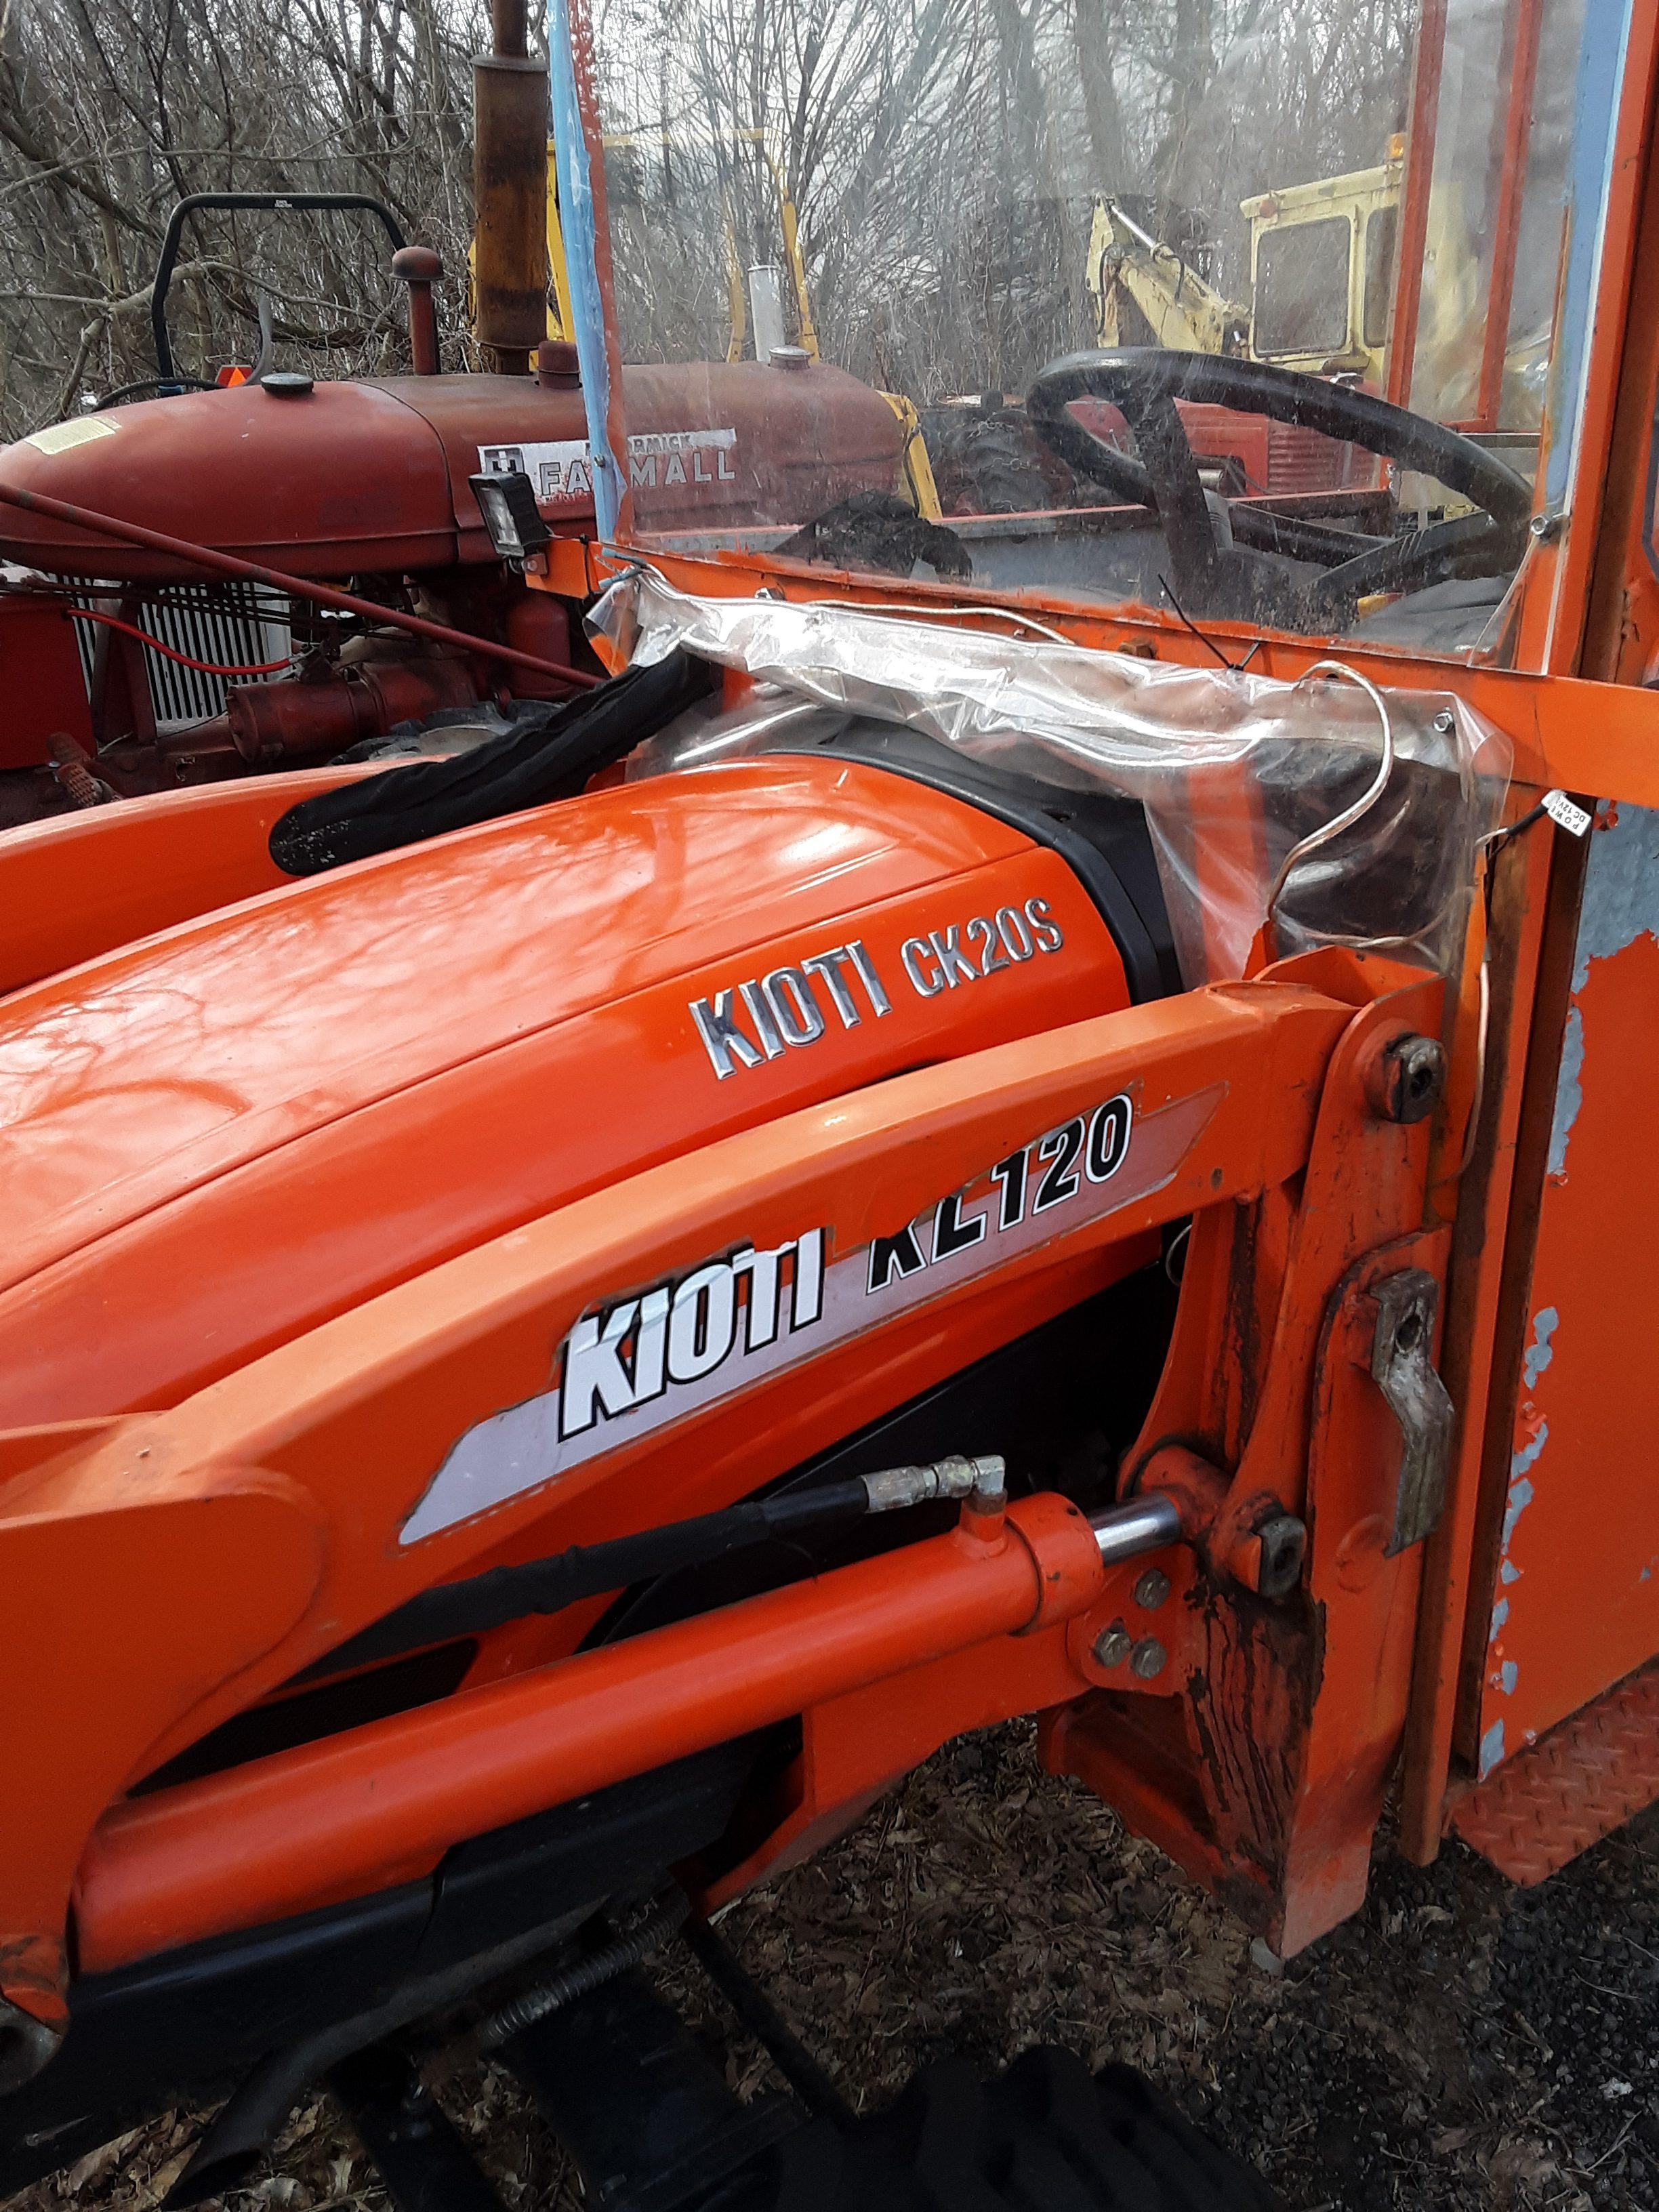 Used KIOTI Tractor CK20S & KL120 Loader $7900.00